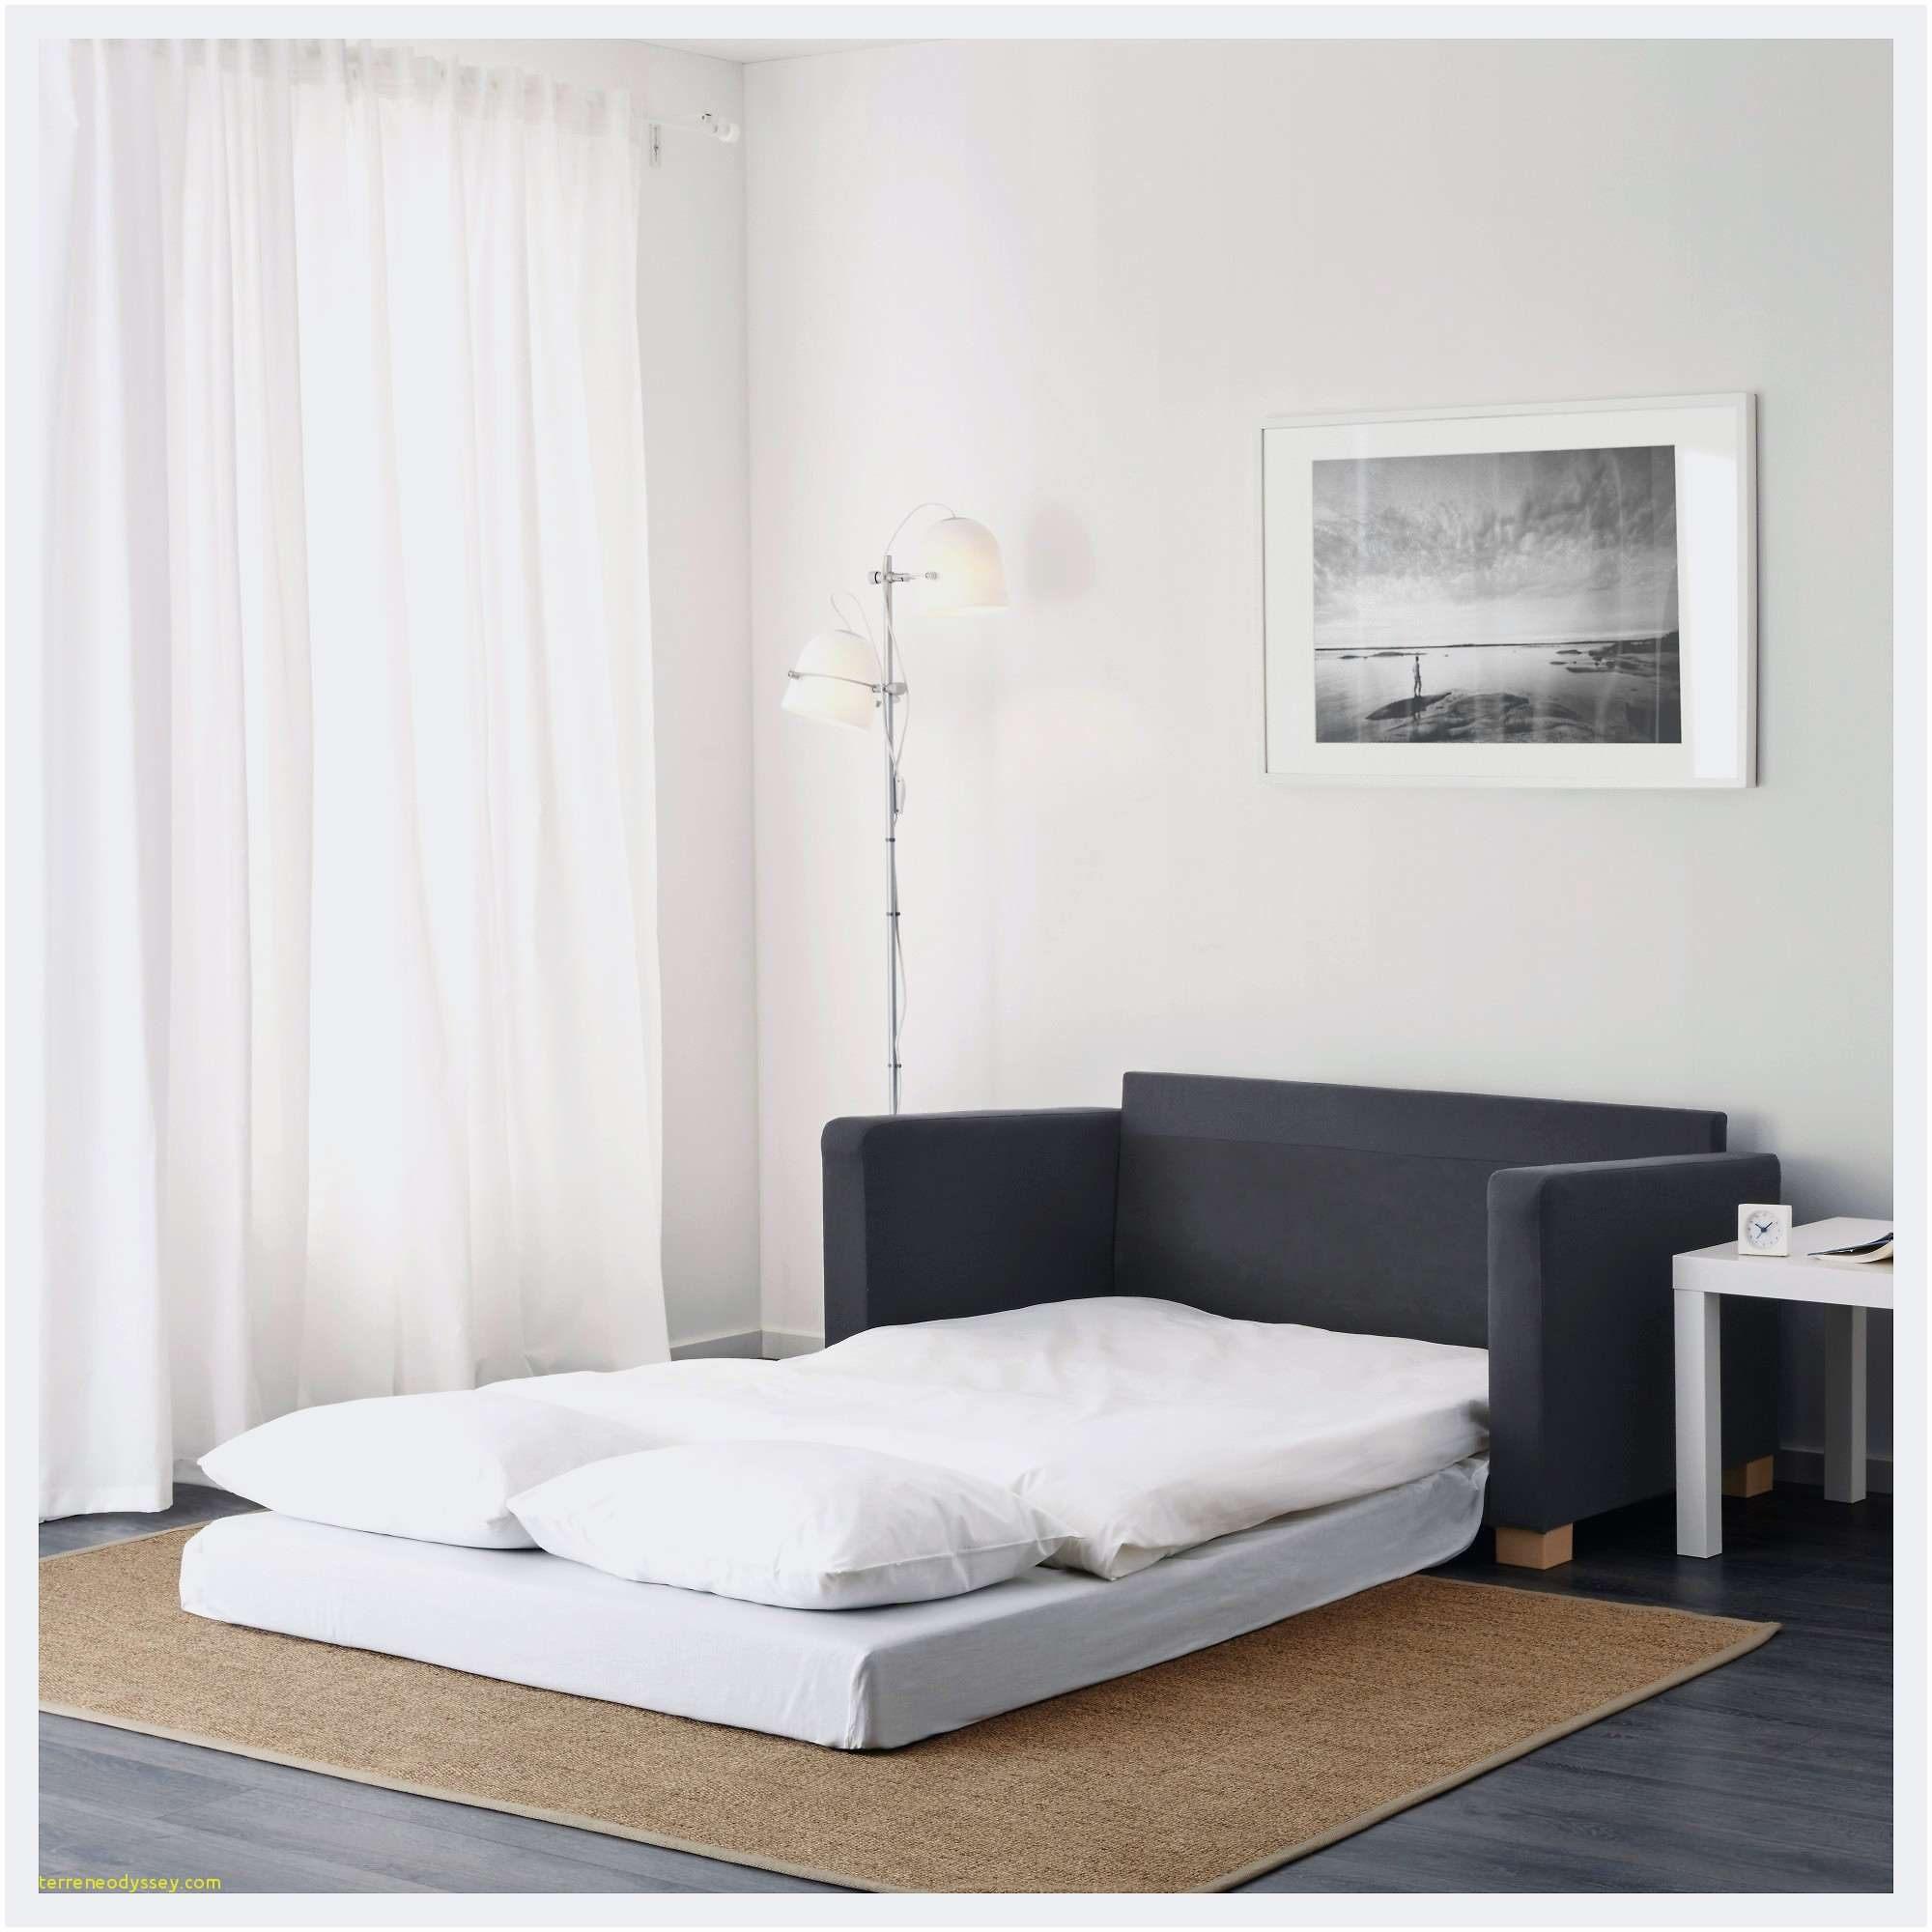 Lit Scandinave 160x200 Nouveau Elégant Ikea Matelas 180—200 Unique Lit 160 X 200 Belle Bett Holz